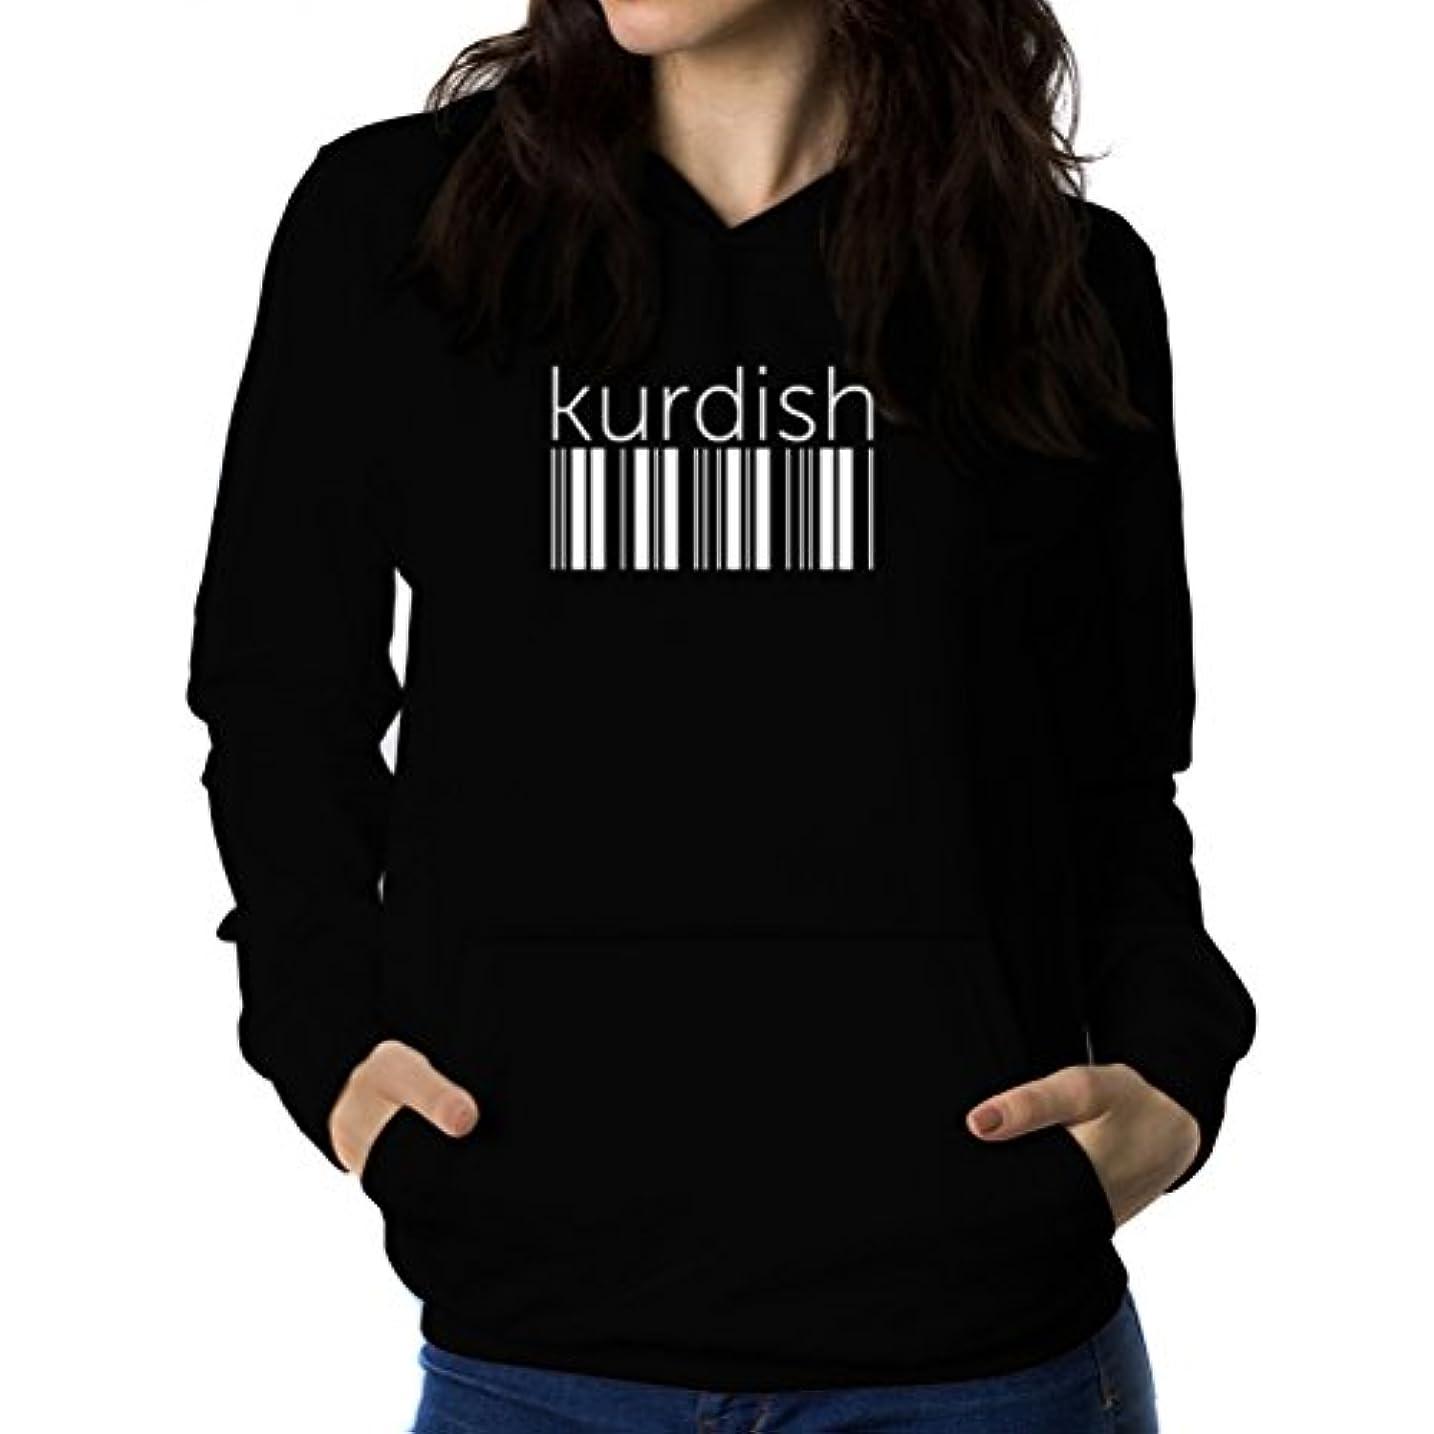 軽く明るい贅沢なKurdish barcode 女性 フーディー